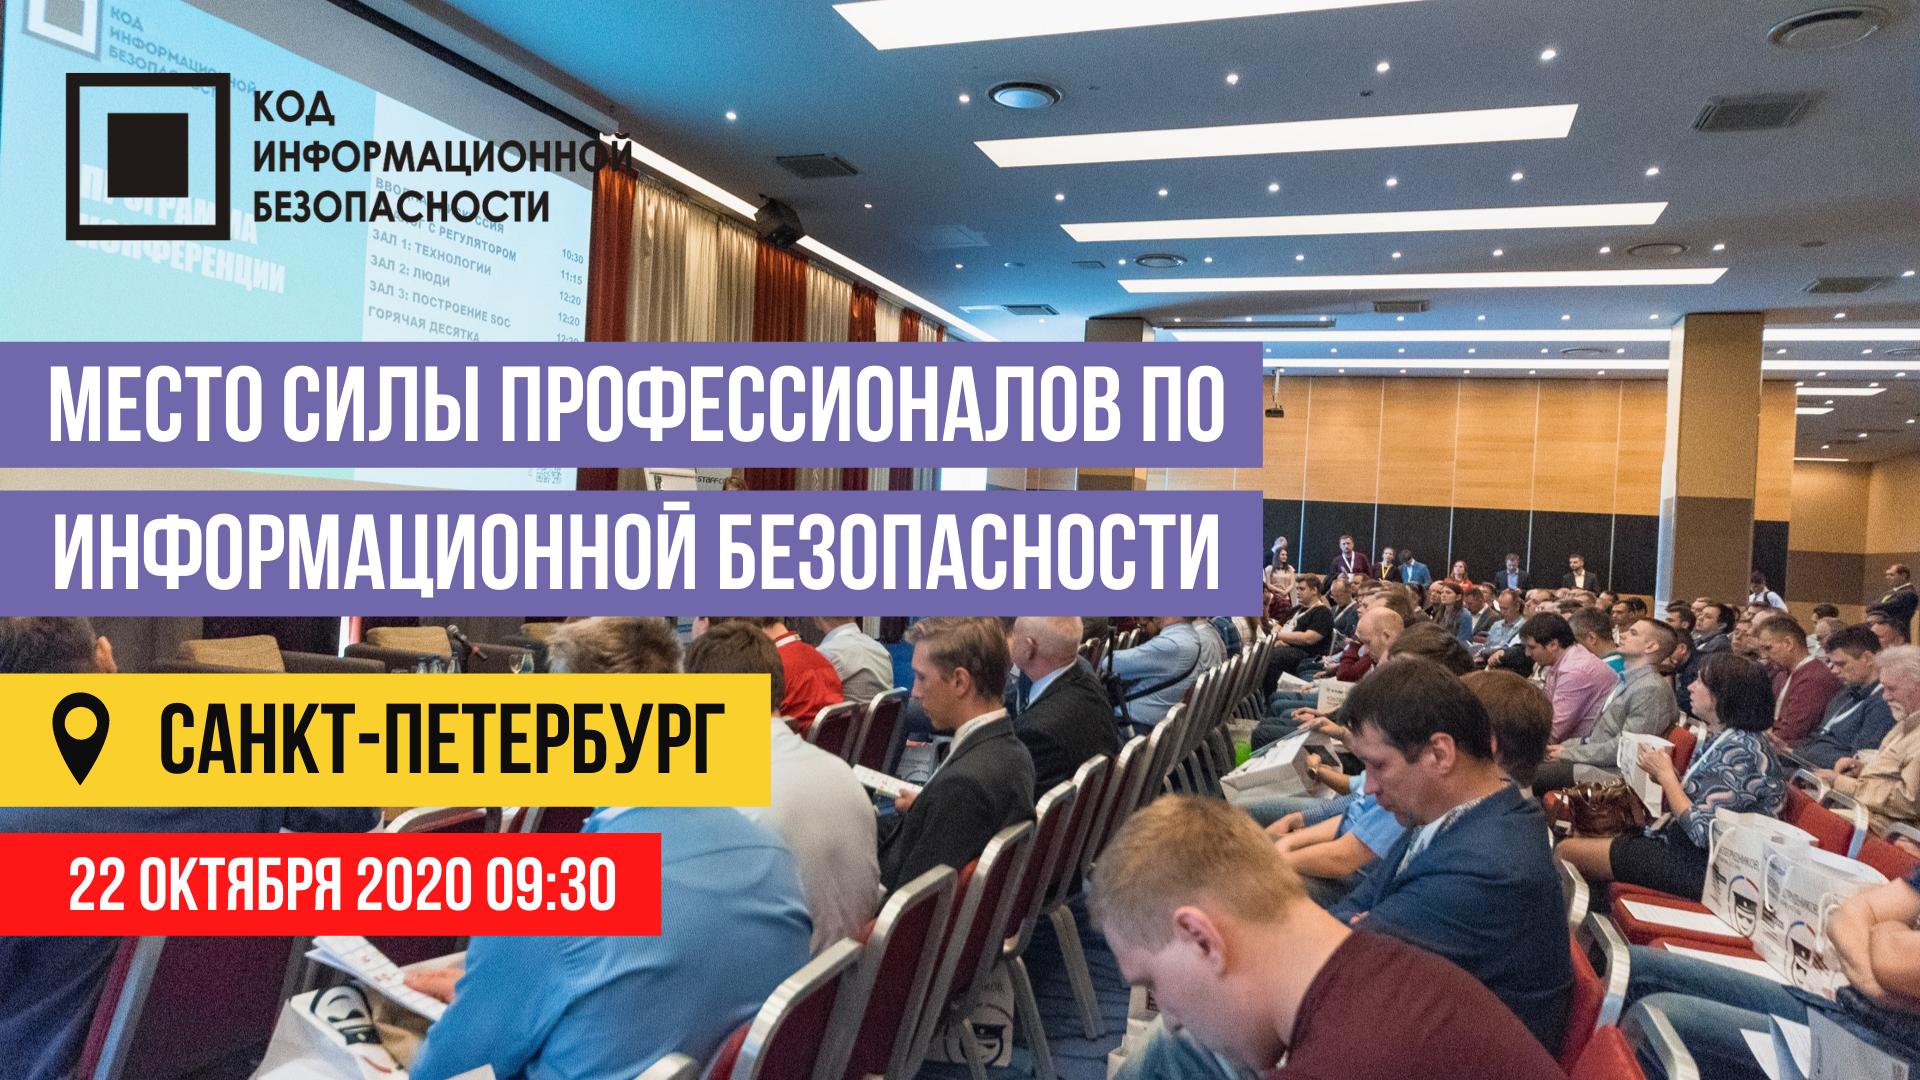 Конференция по информационной безопасности в Северной столице России пройдёт 22 октября